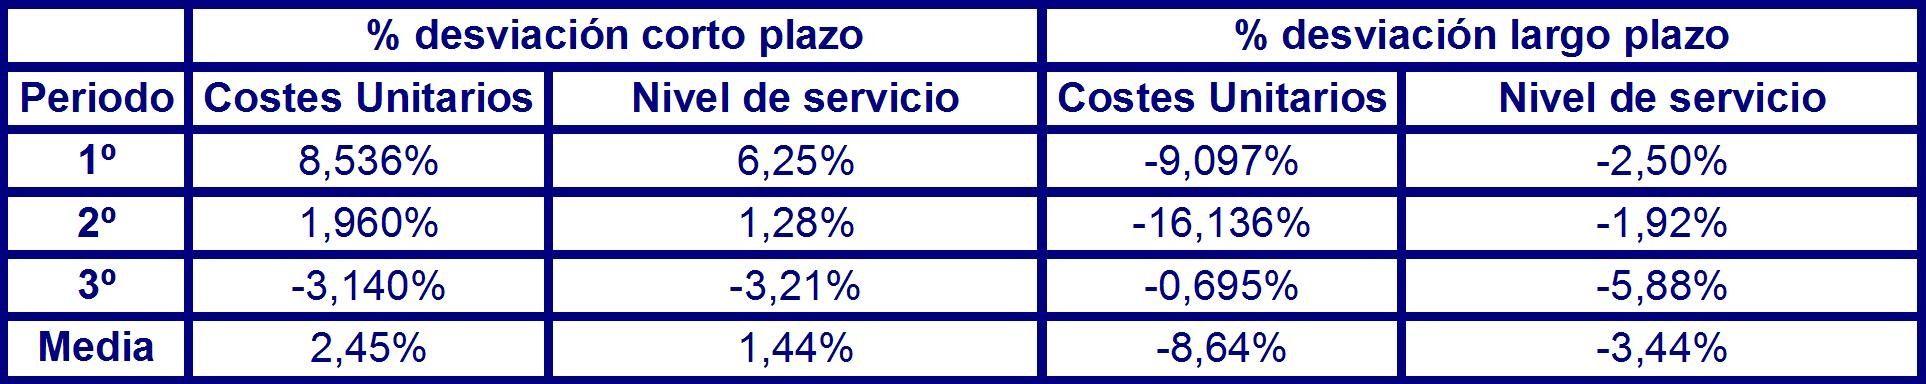 Tabla 52 desviación de los costes unitarios y nivel de servicio en el corto y largo plazo